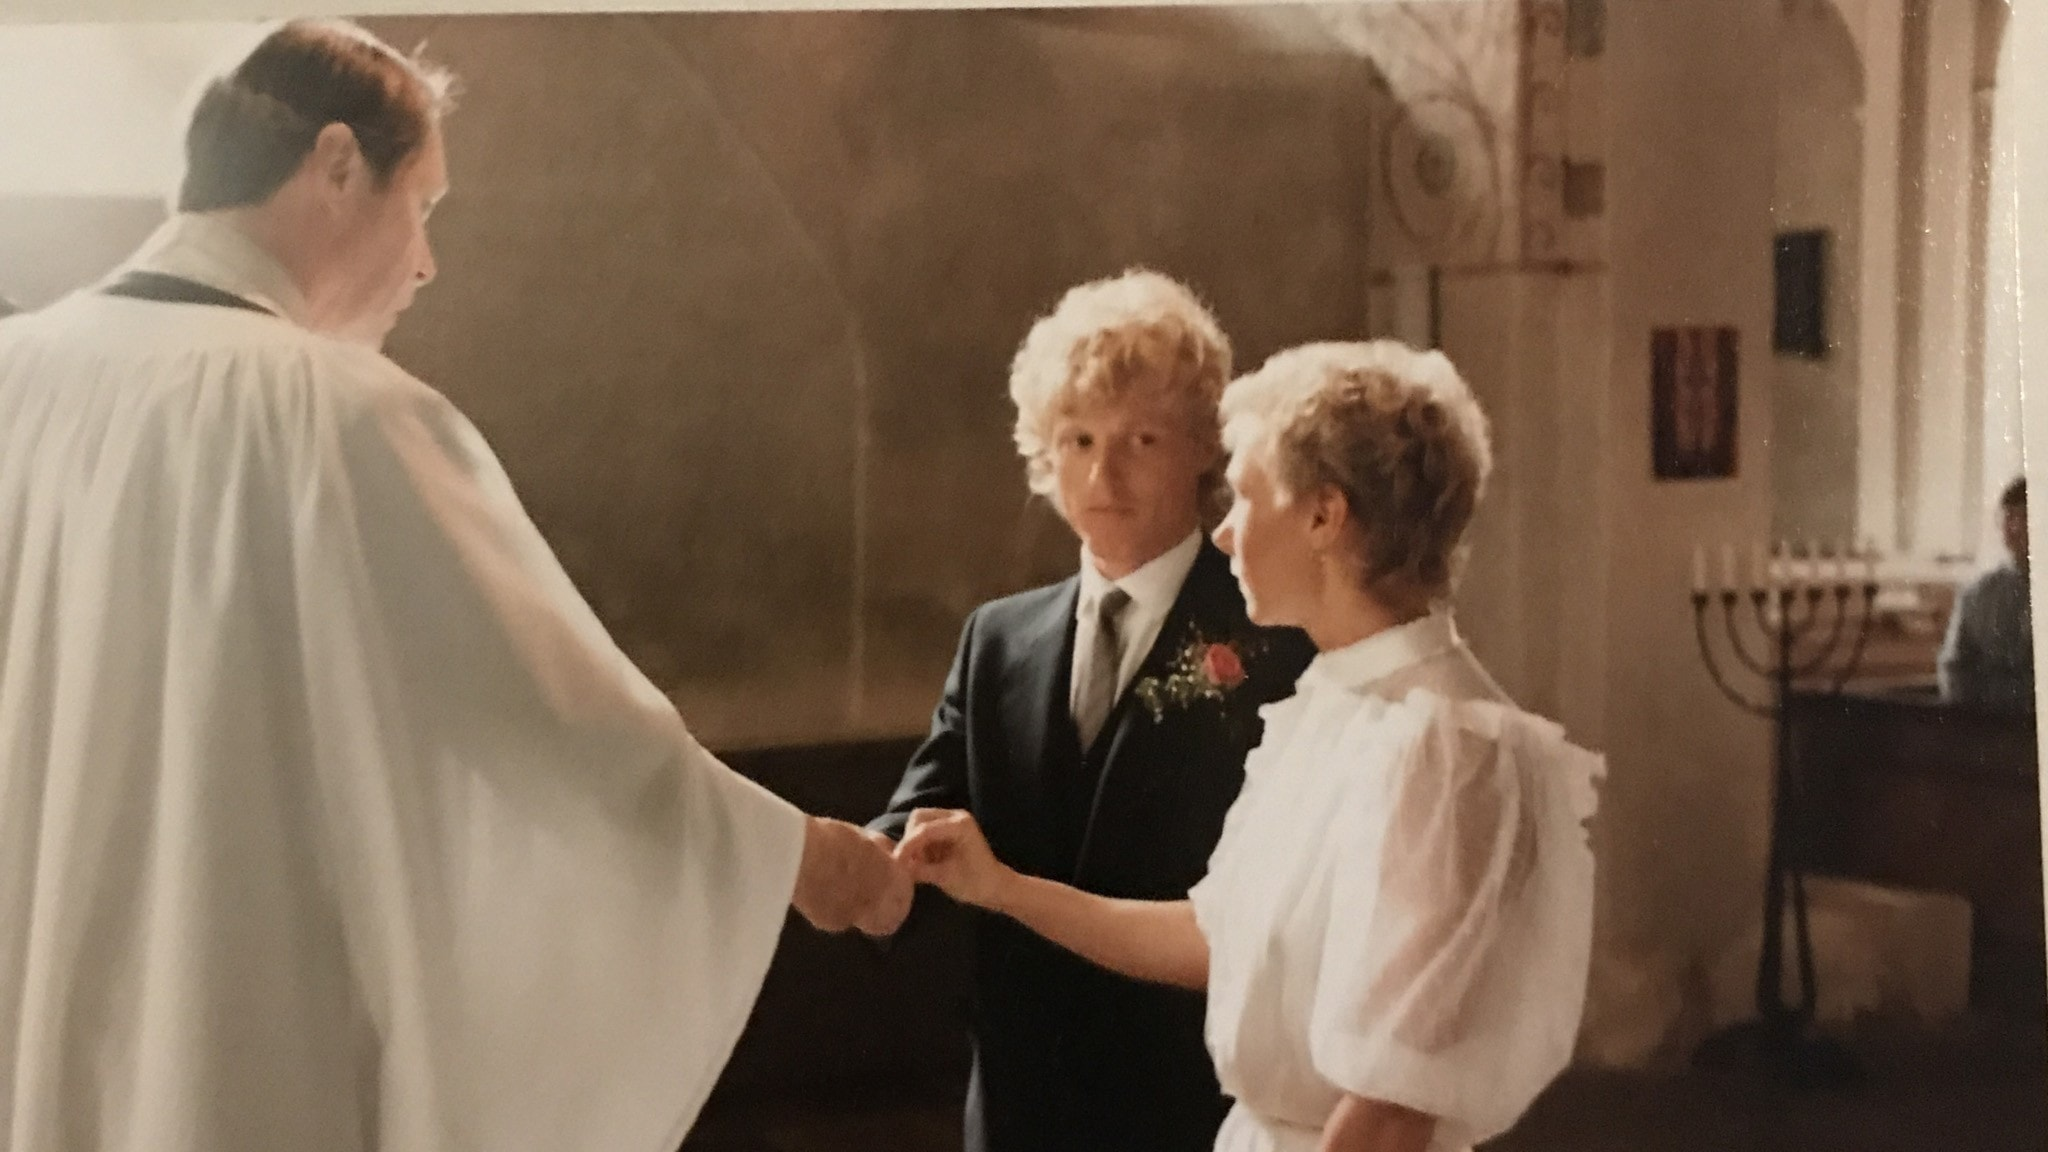 Gifta för tredje gången - spela